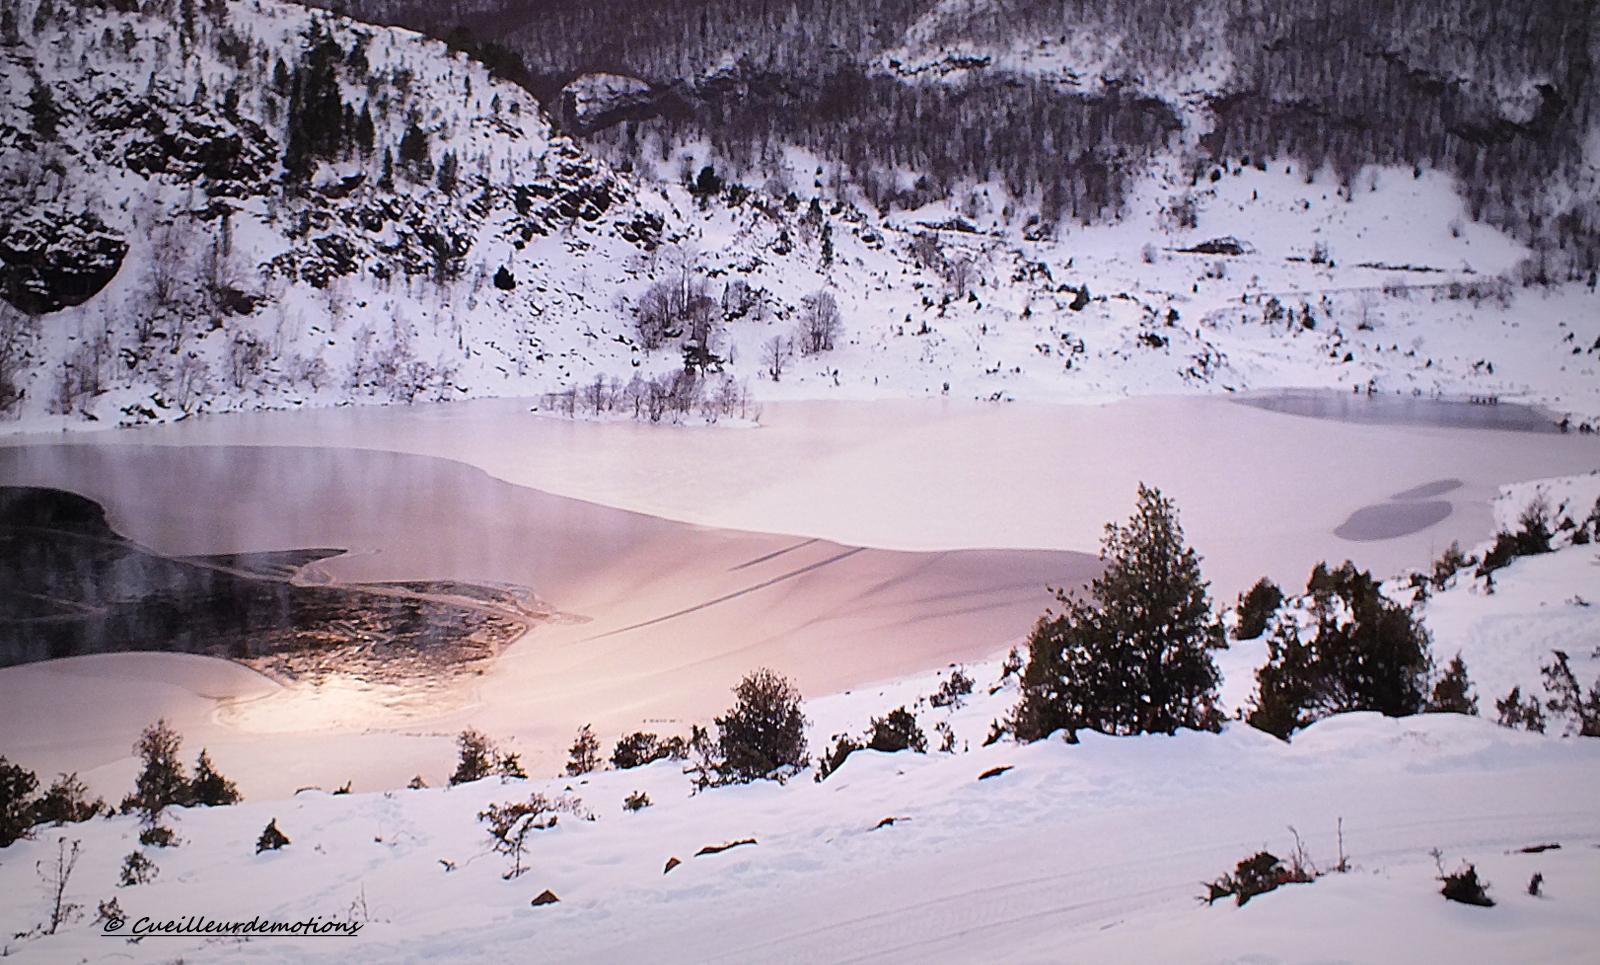 autour du lac gelé